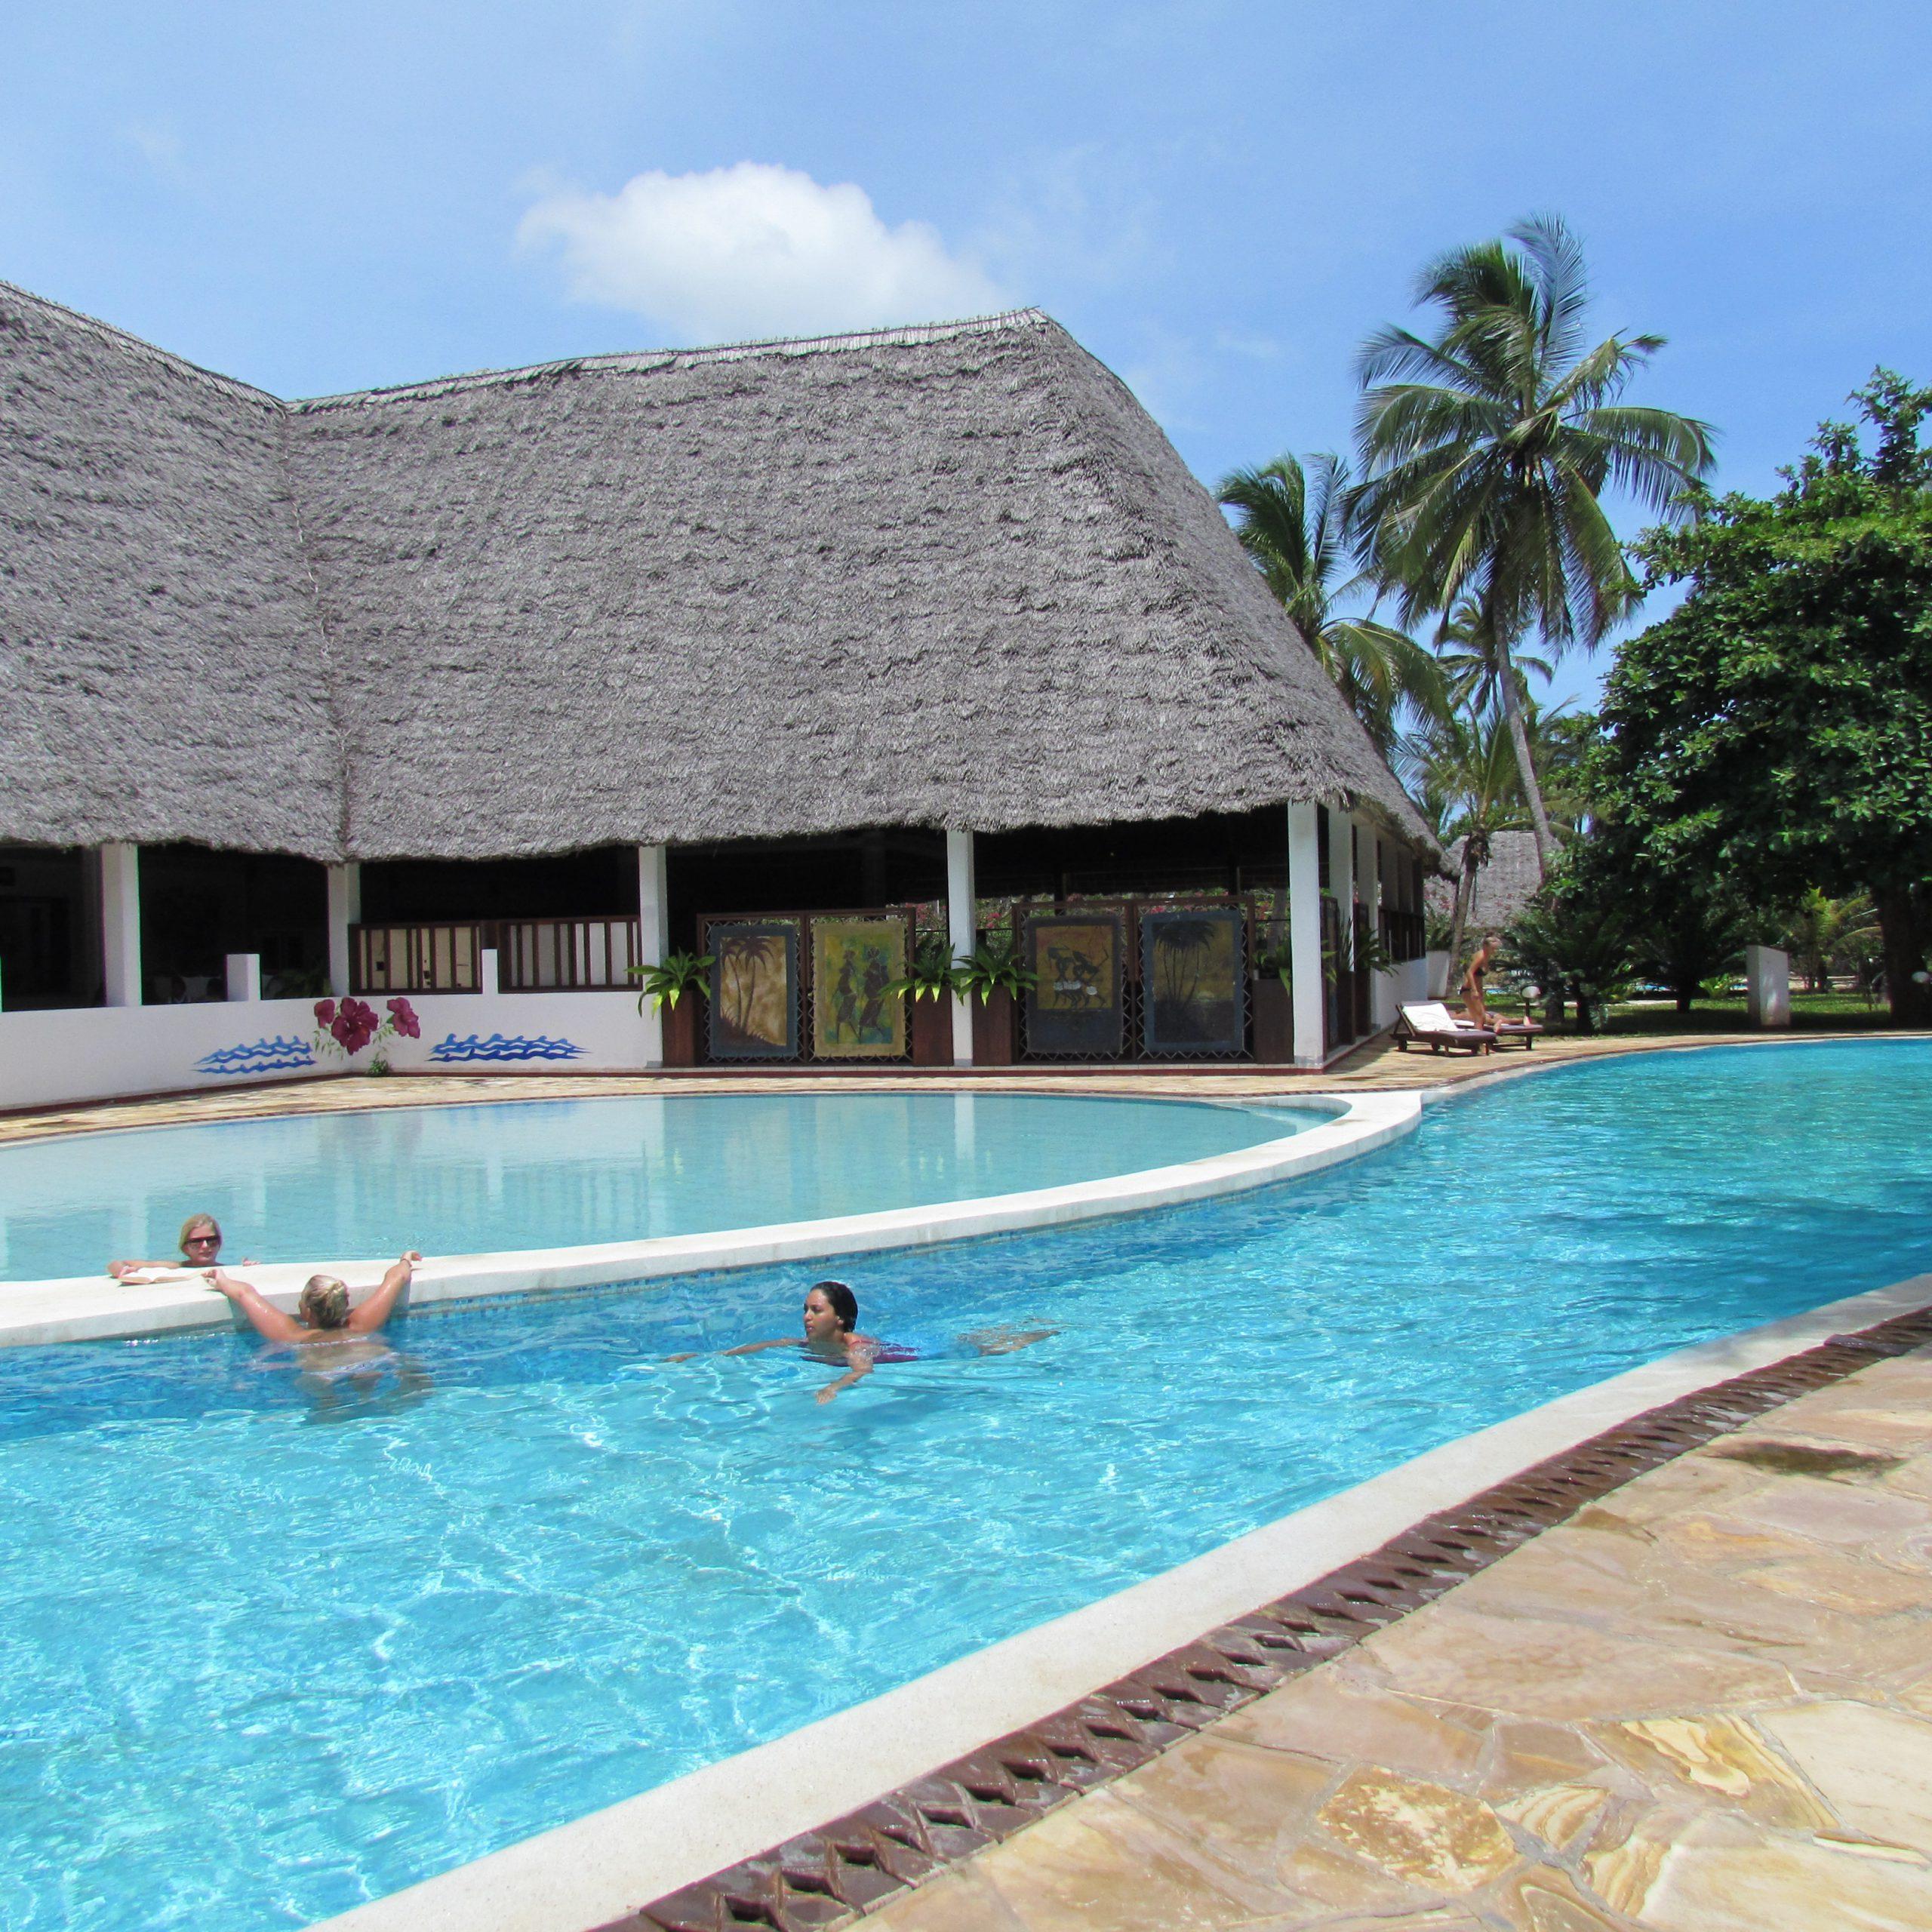 Day 7: Matemwe Beach to Zanzibar International Airport